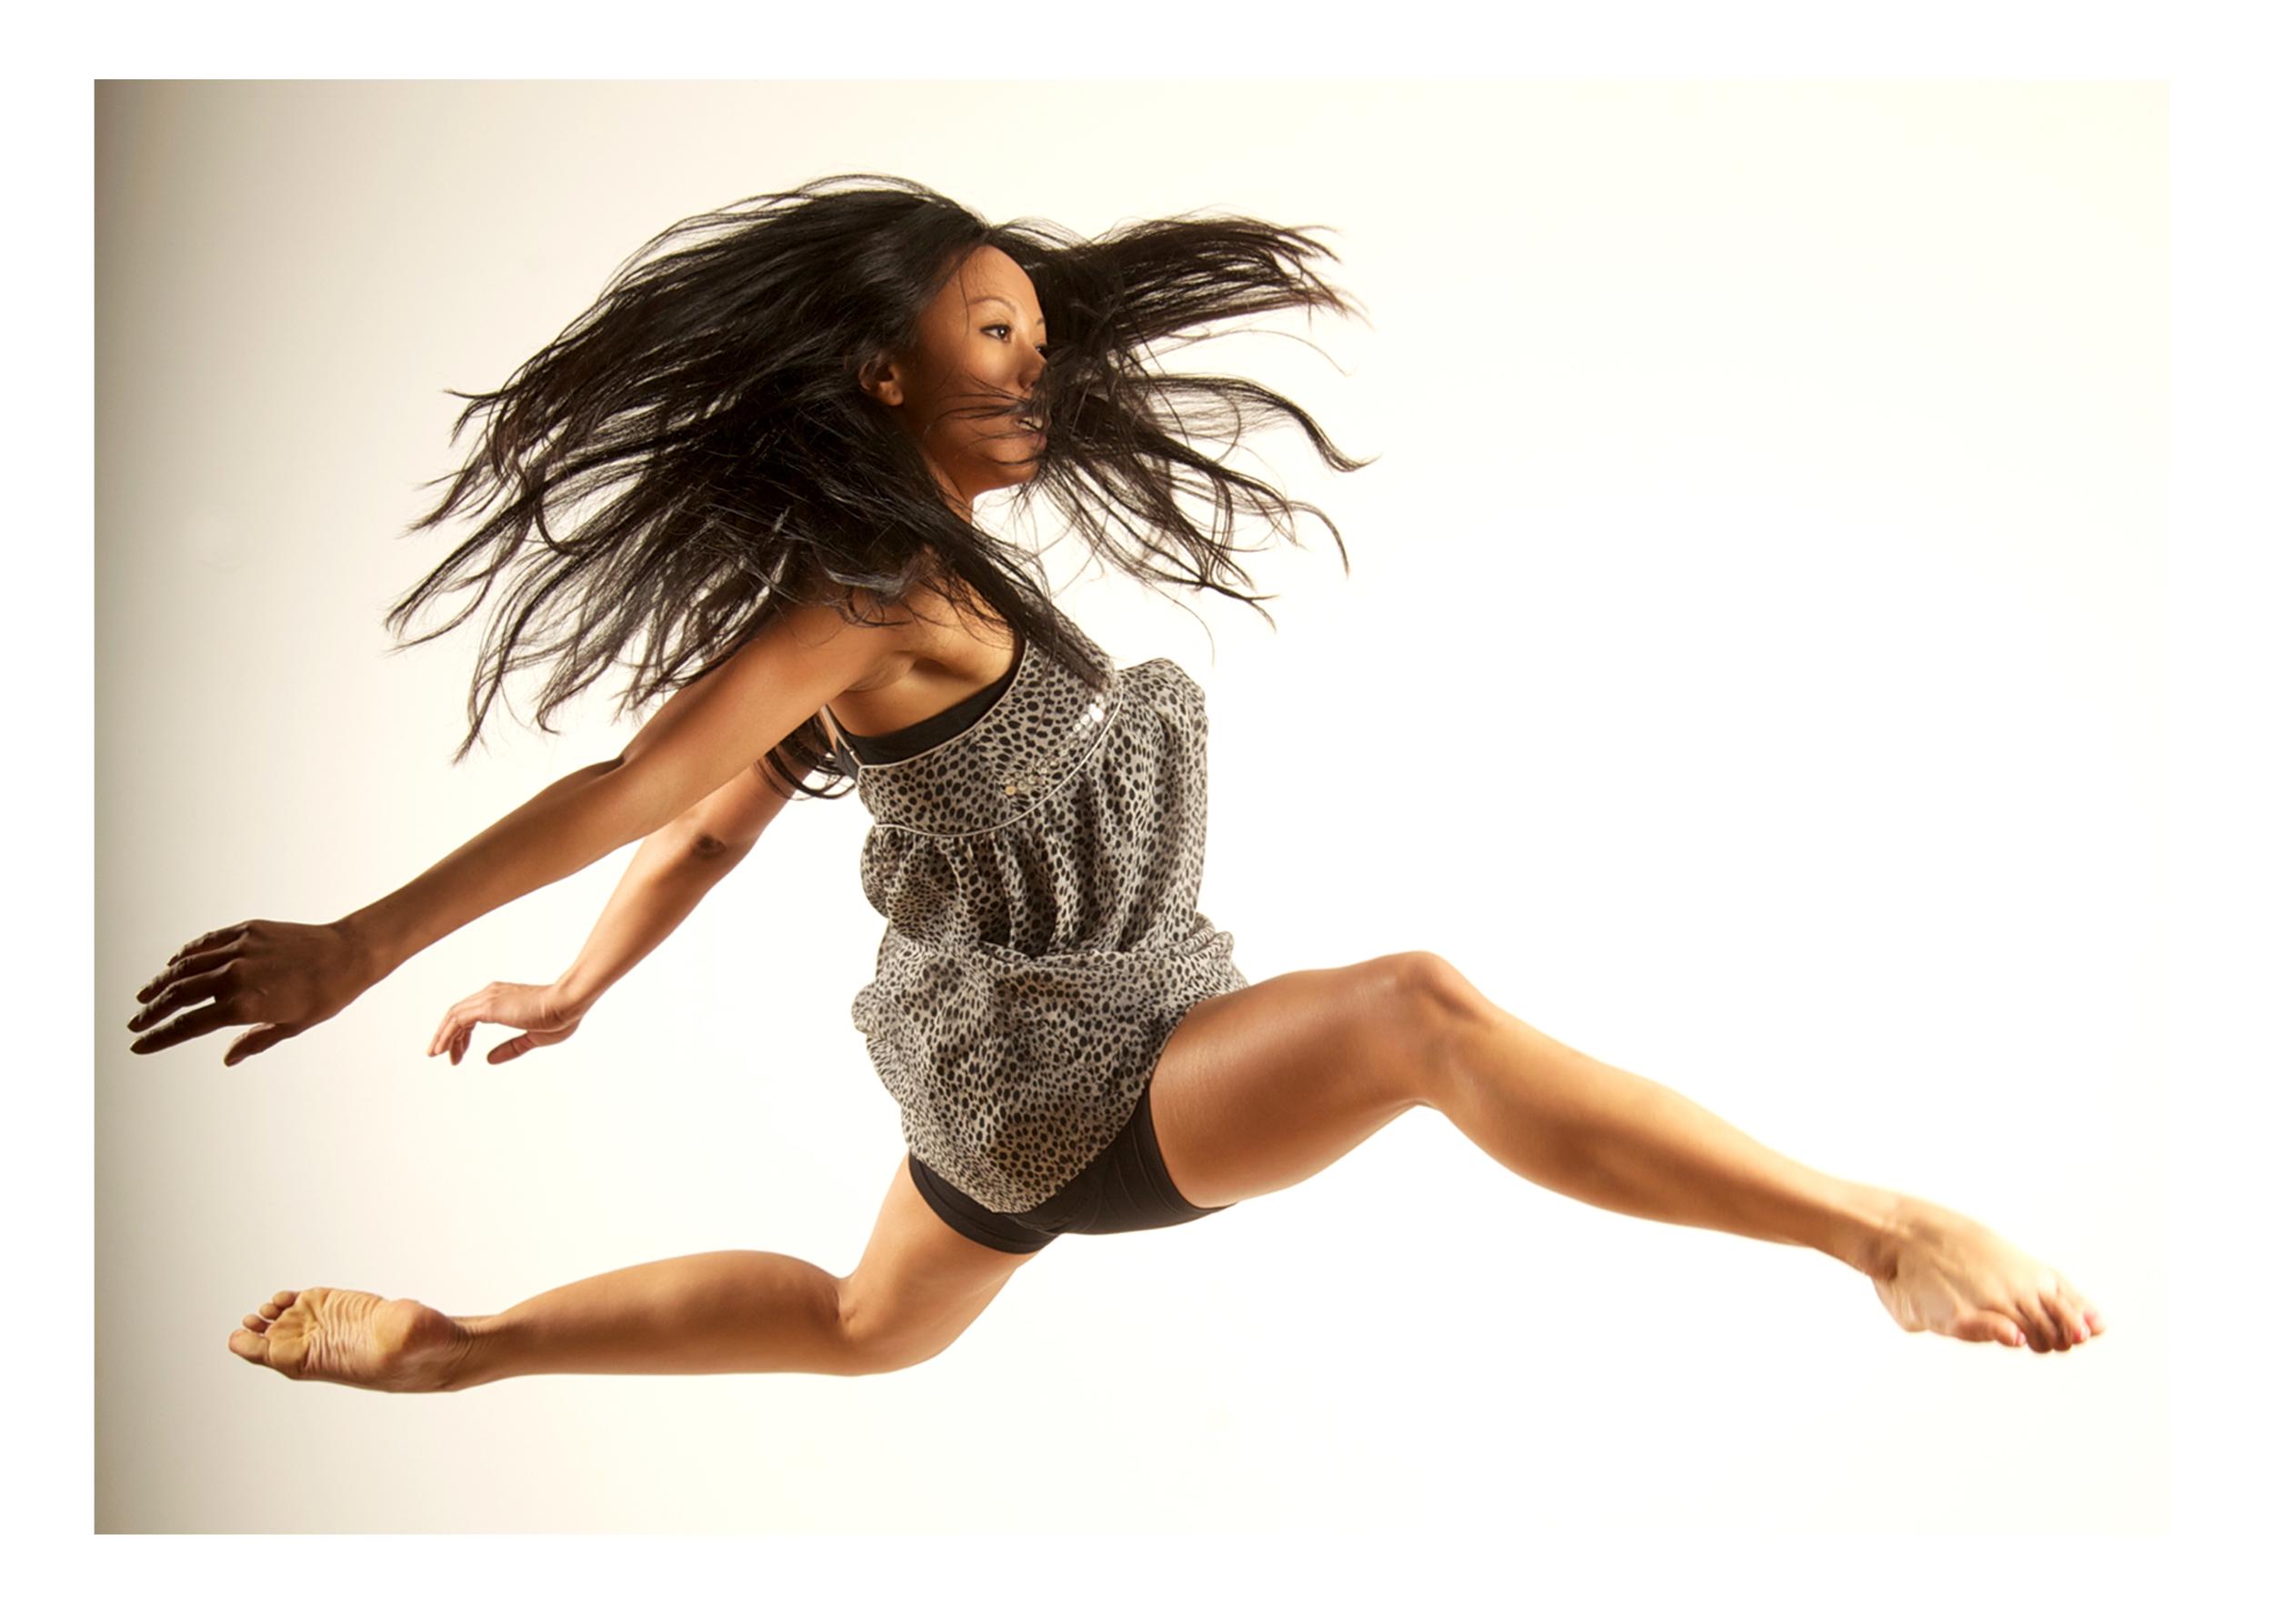 Photo: Ashley de Prazer for STEPS Youth Dance Company